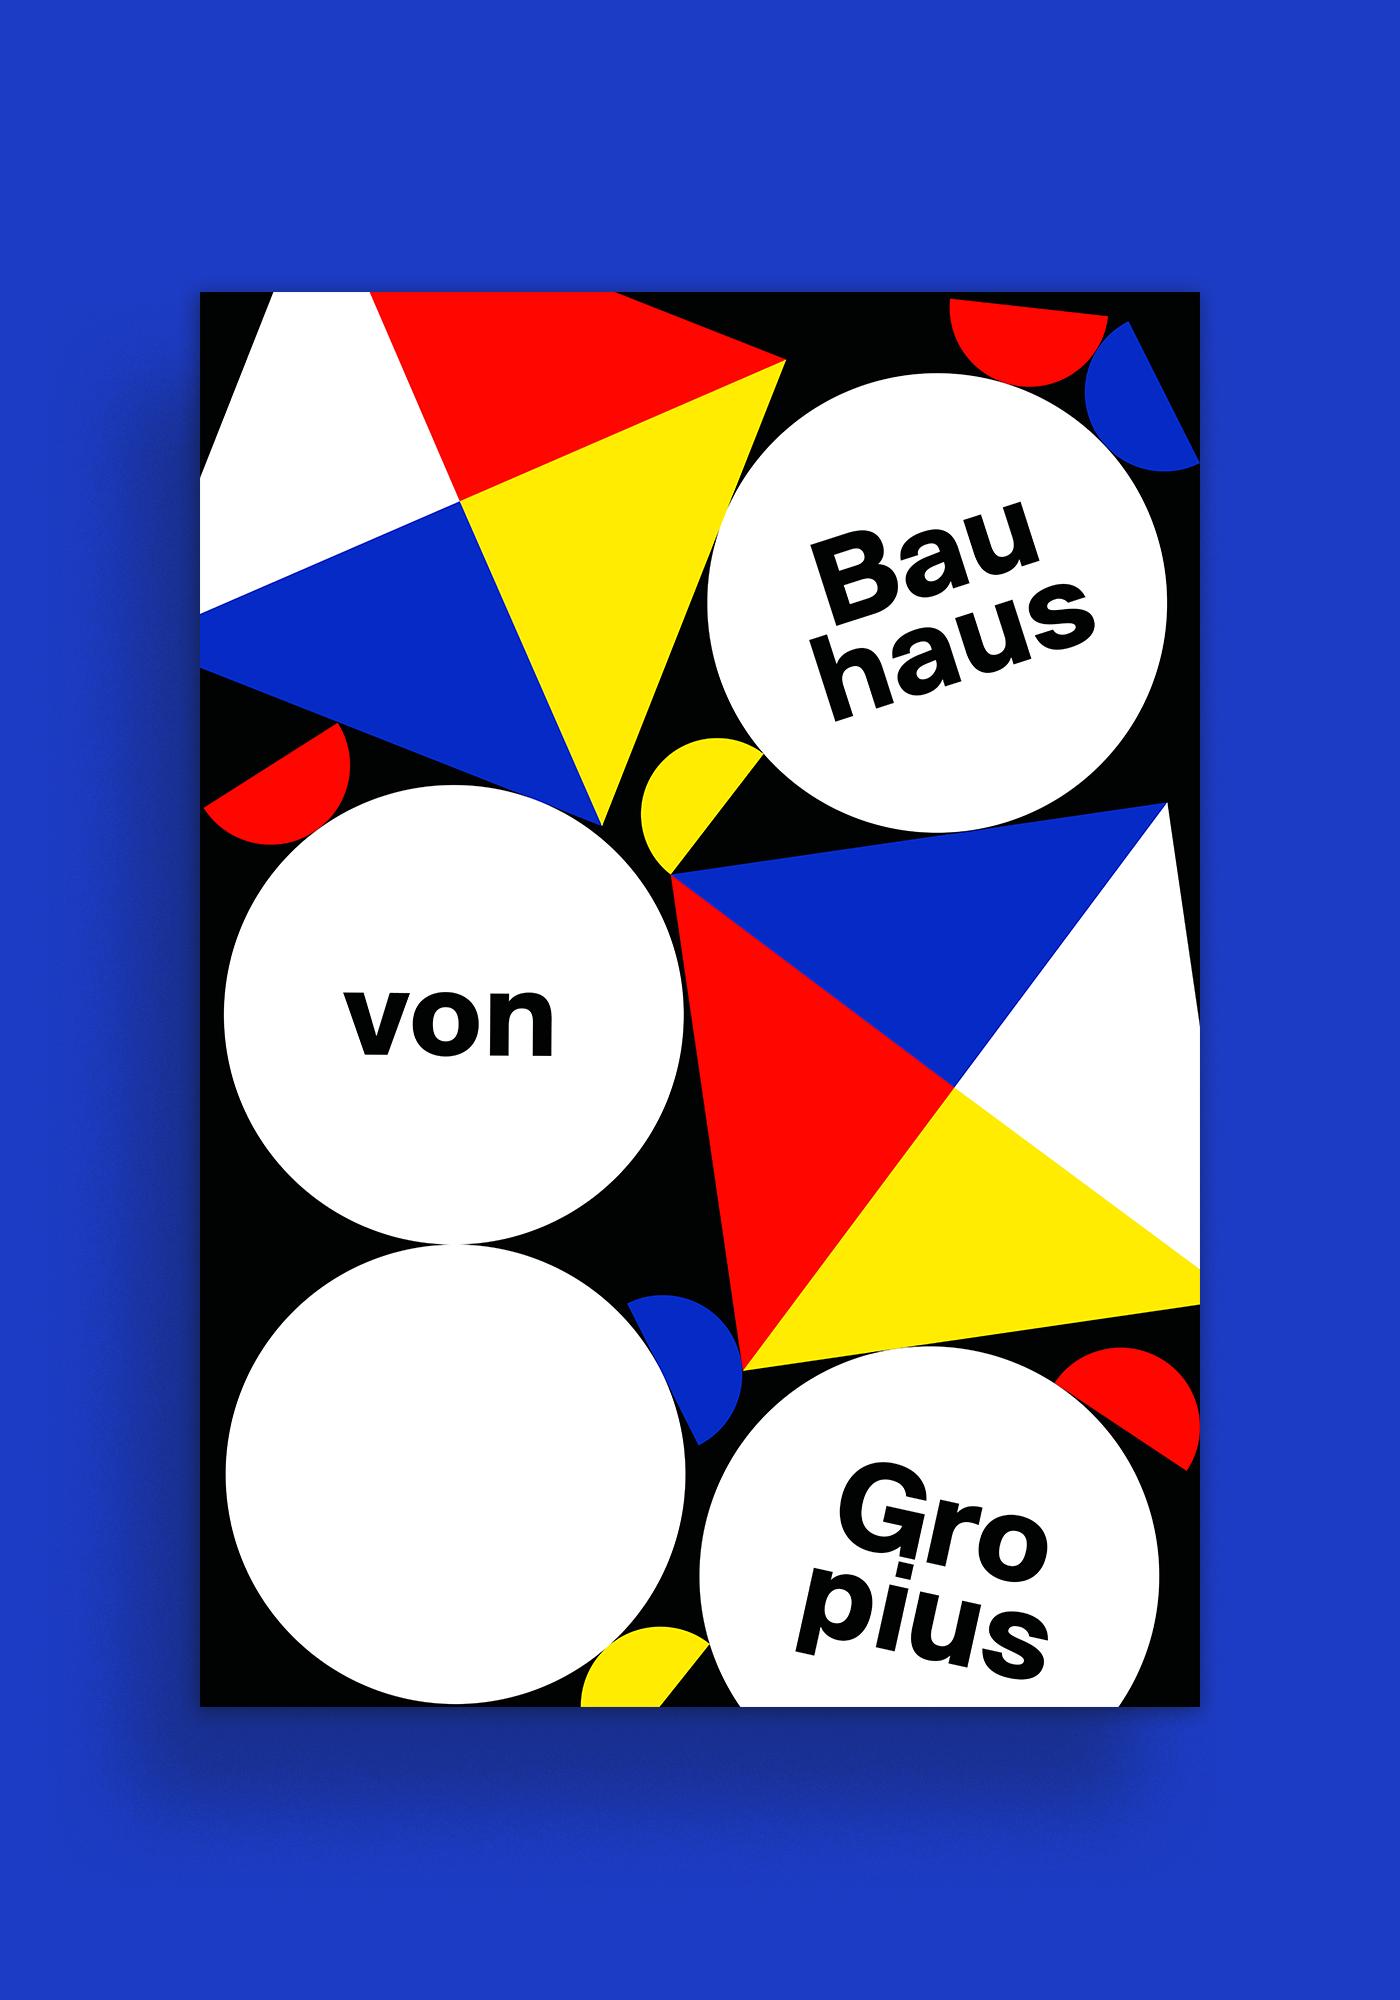 ILLUSTRATION  poster bauhaus schlemmer gropius